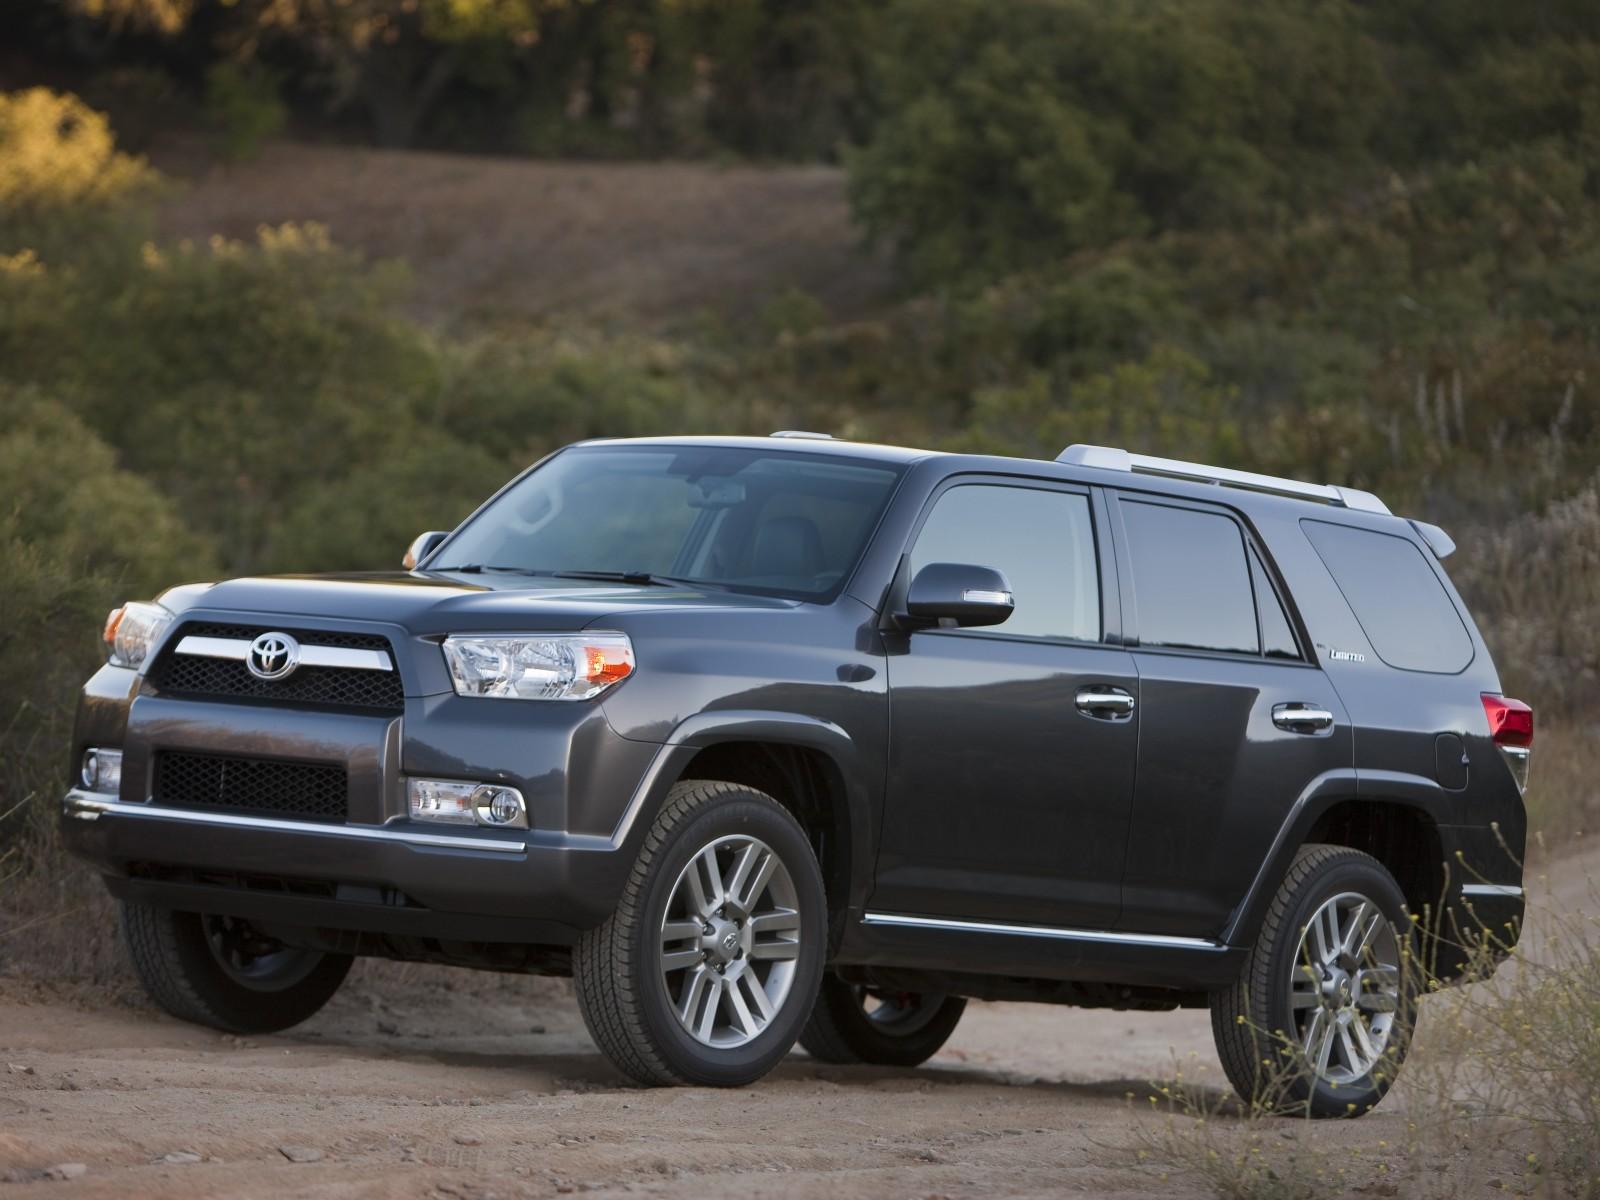 2010 Toyota 4Runner photo - 1